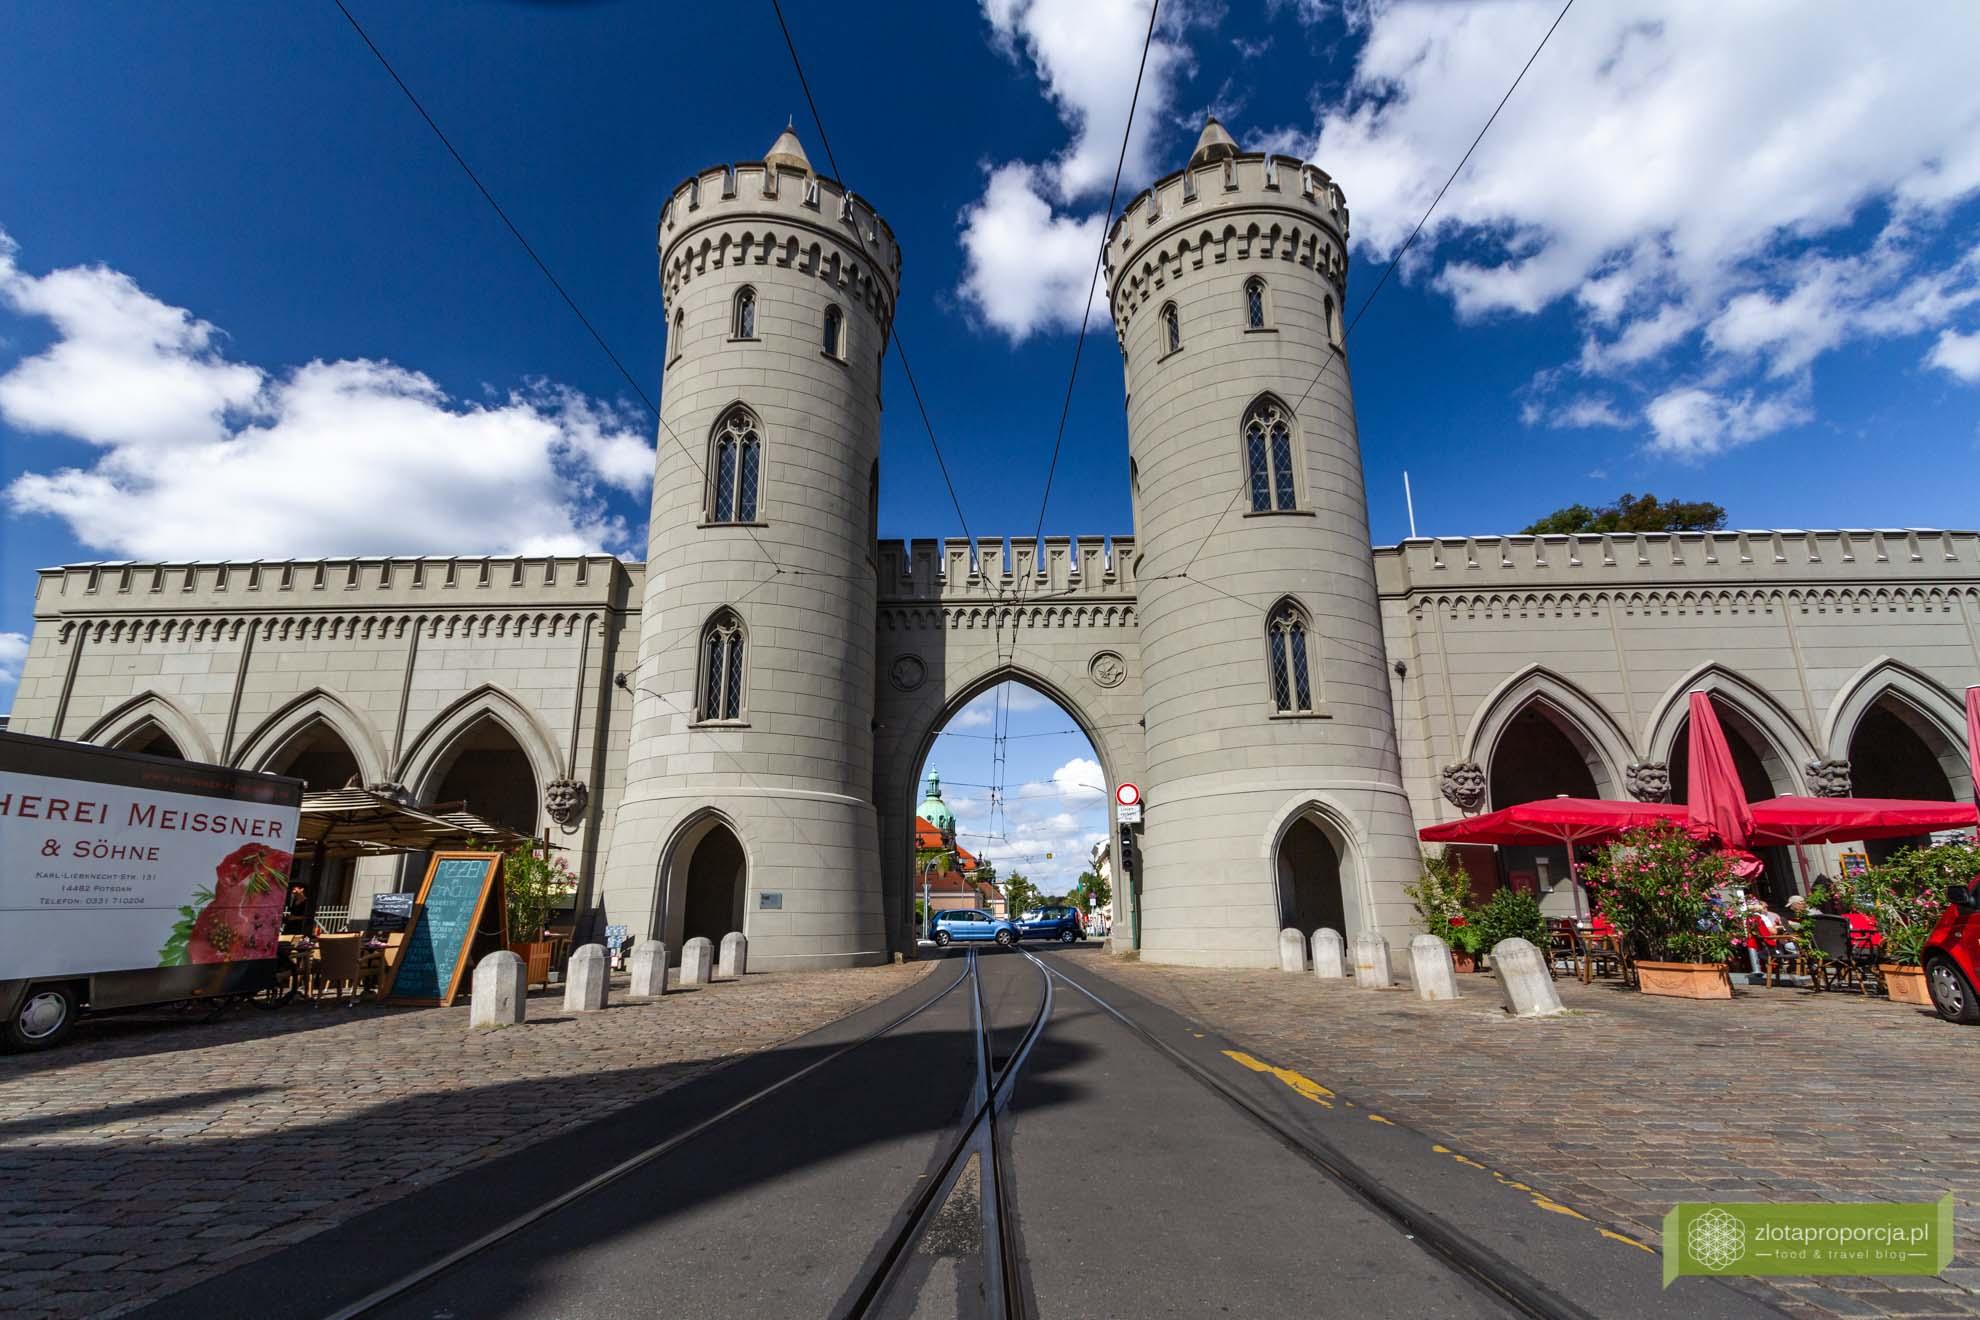 Poczdam, atrakcje Poczdamu, Brandenburgia, atrakcje Brandenburgii, Nauener Tor